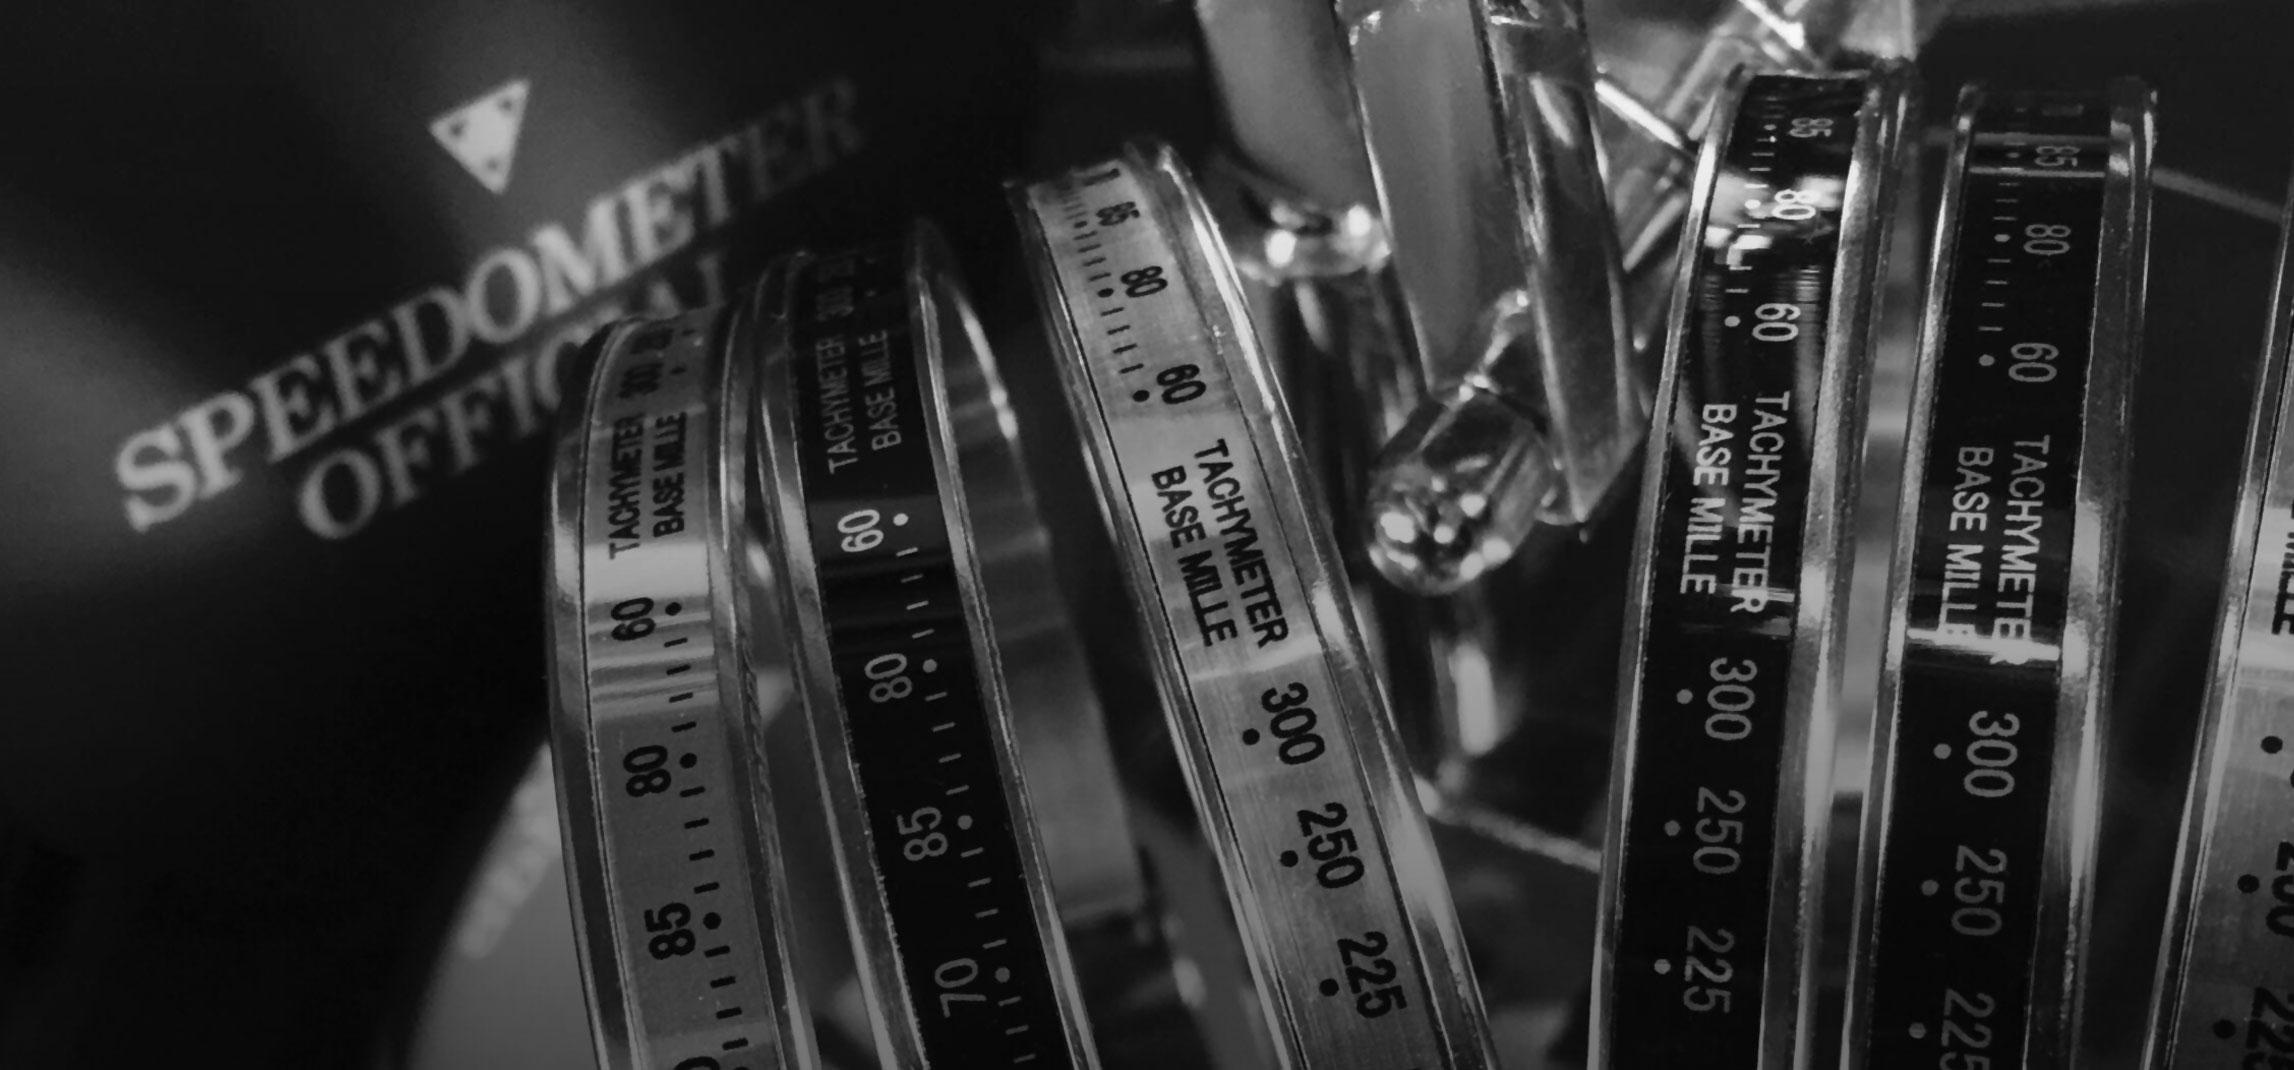 Bracciali collezione Chrono Speedometer Official